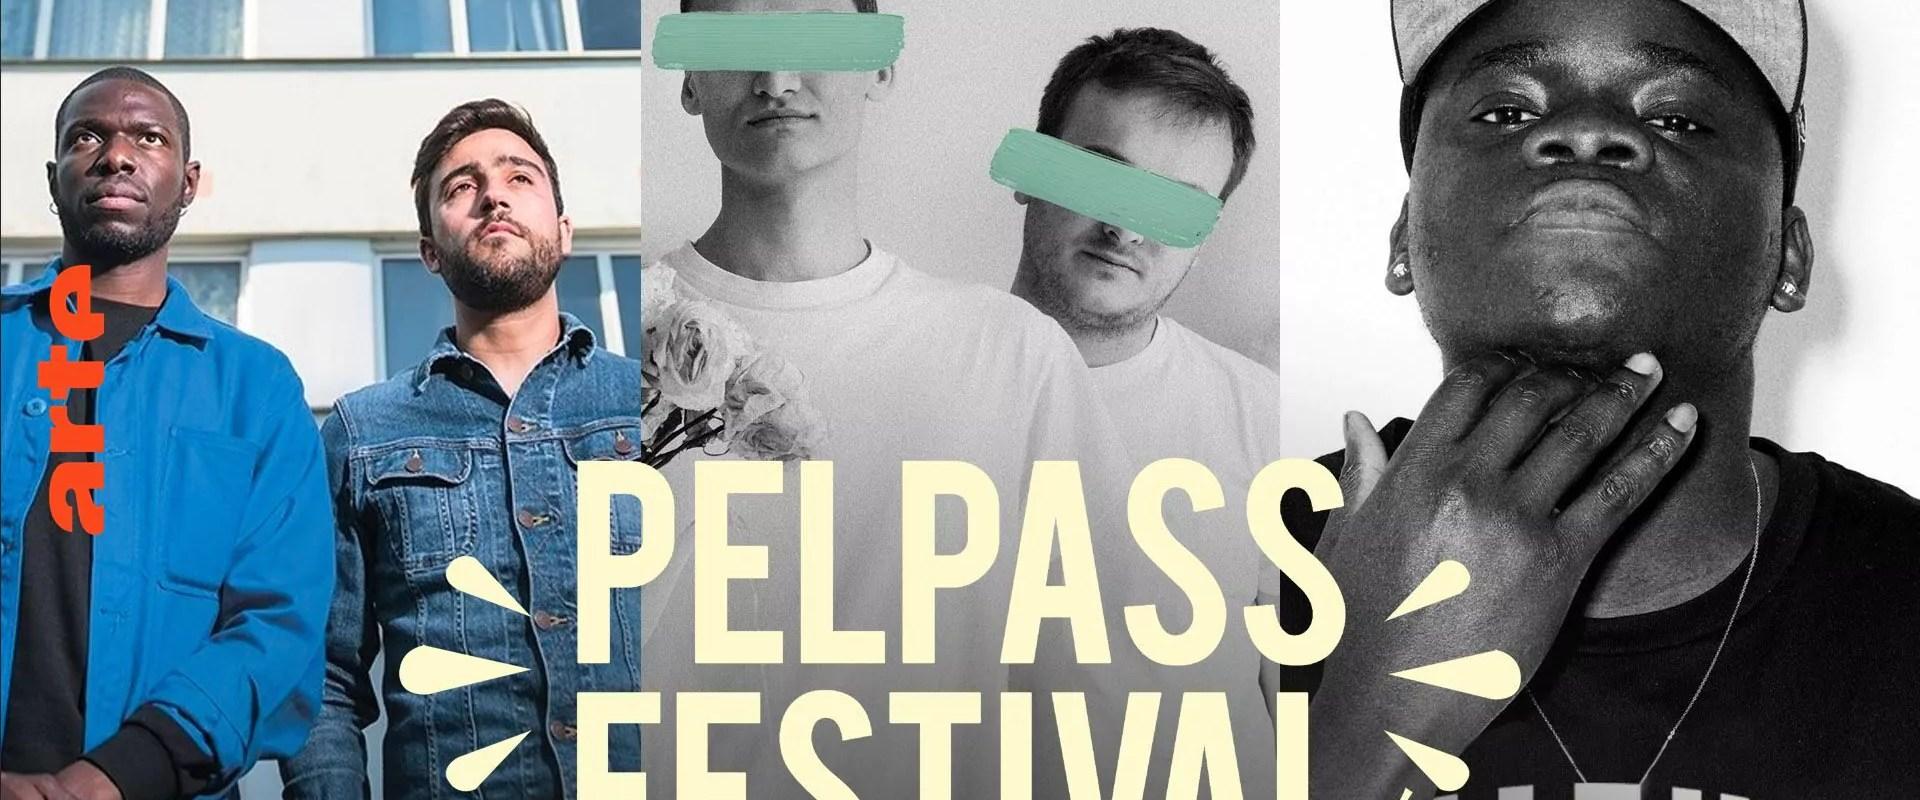 Les concerts de YN, Glauque et Benjamin Epps au Pelpass Festival